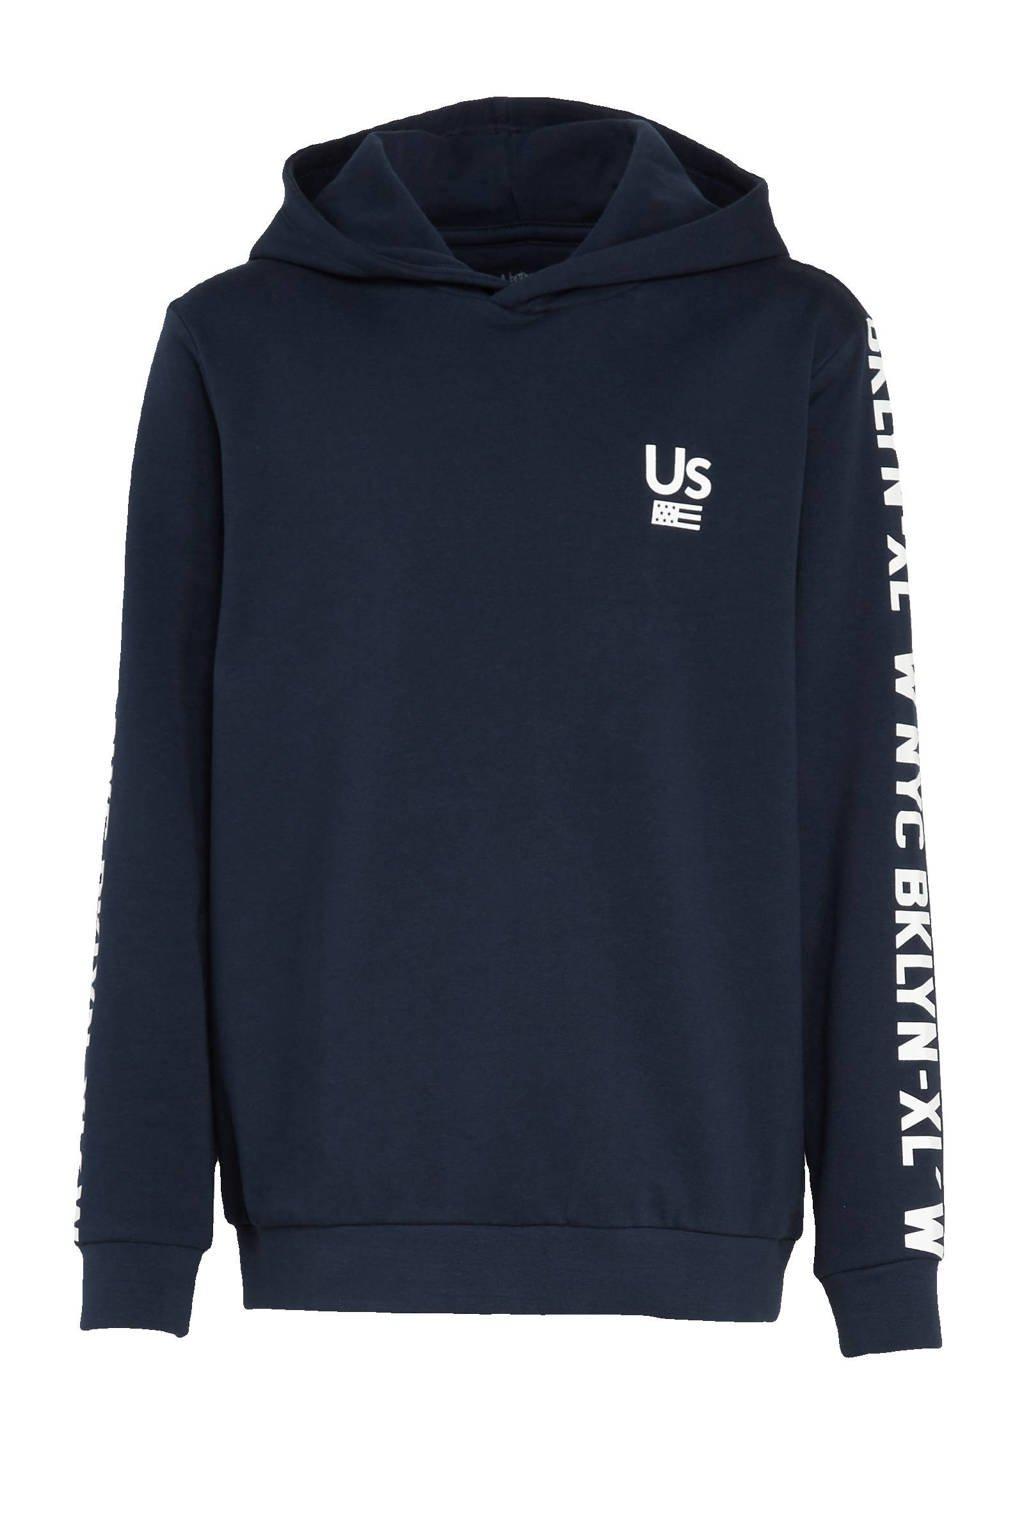 Ellos hoodie Eric met tekst donkerblauw/wit, Donkerblauw/wit